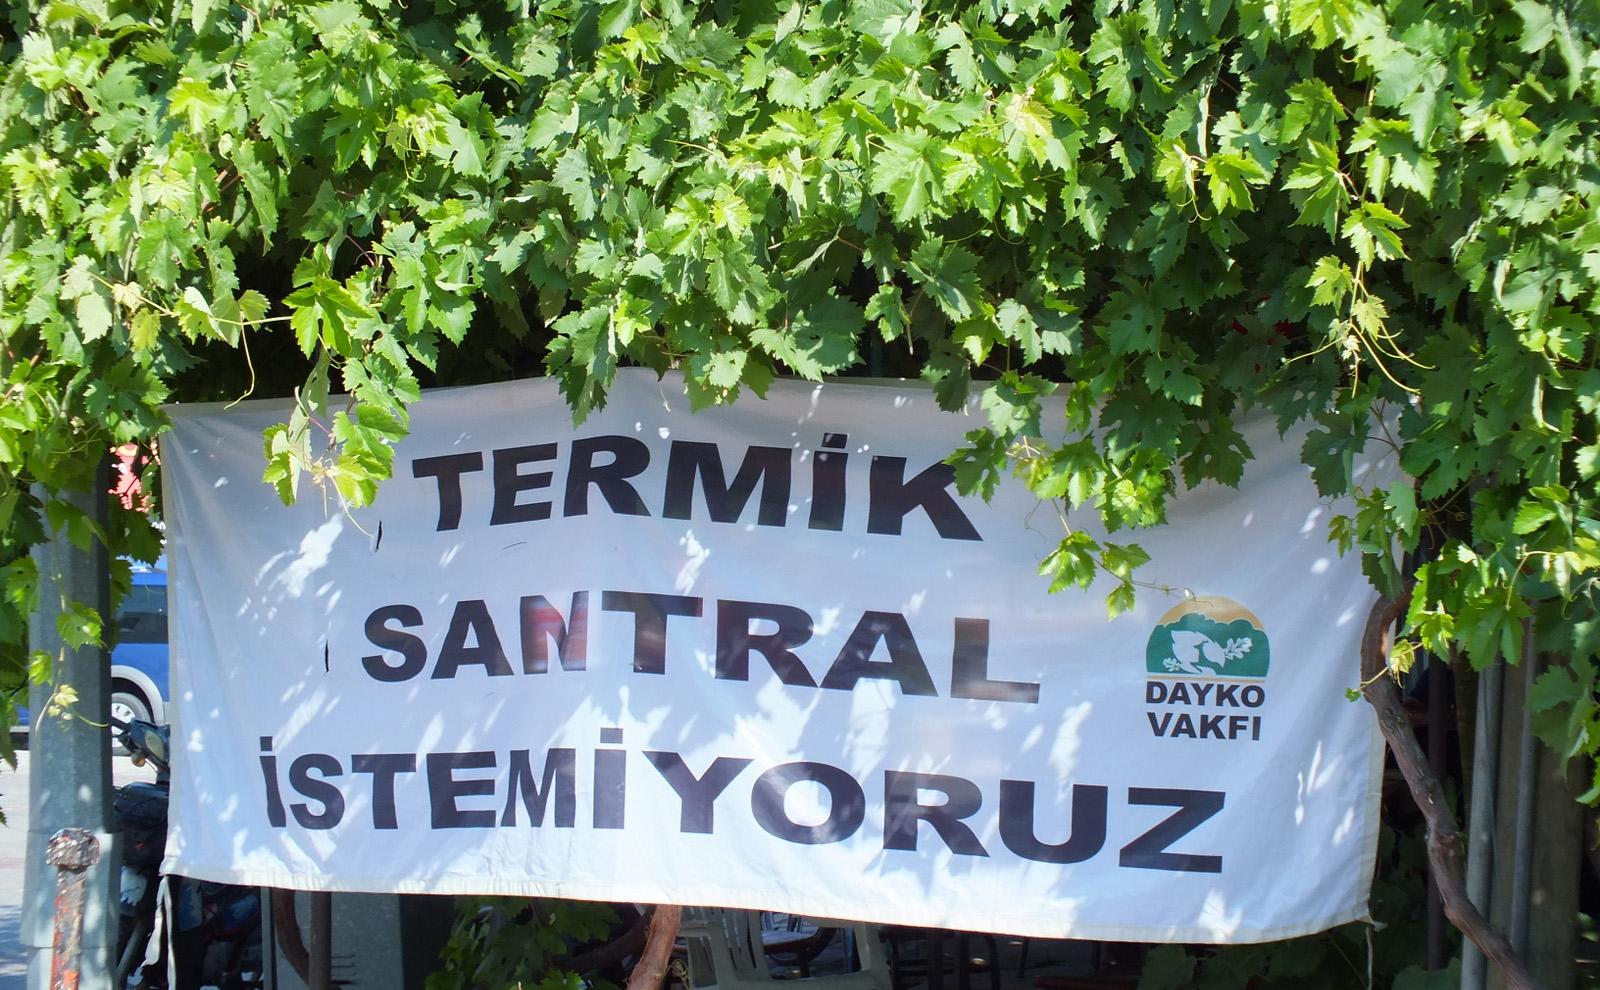 DAYKO Vakfı: Trakya termik santraller istemiyor